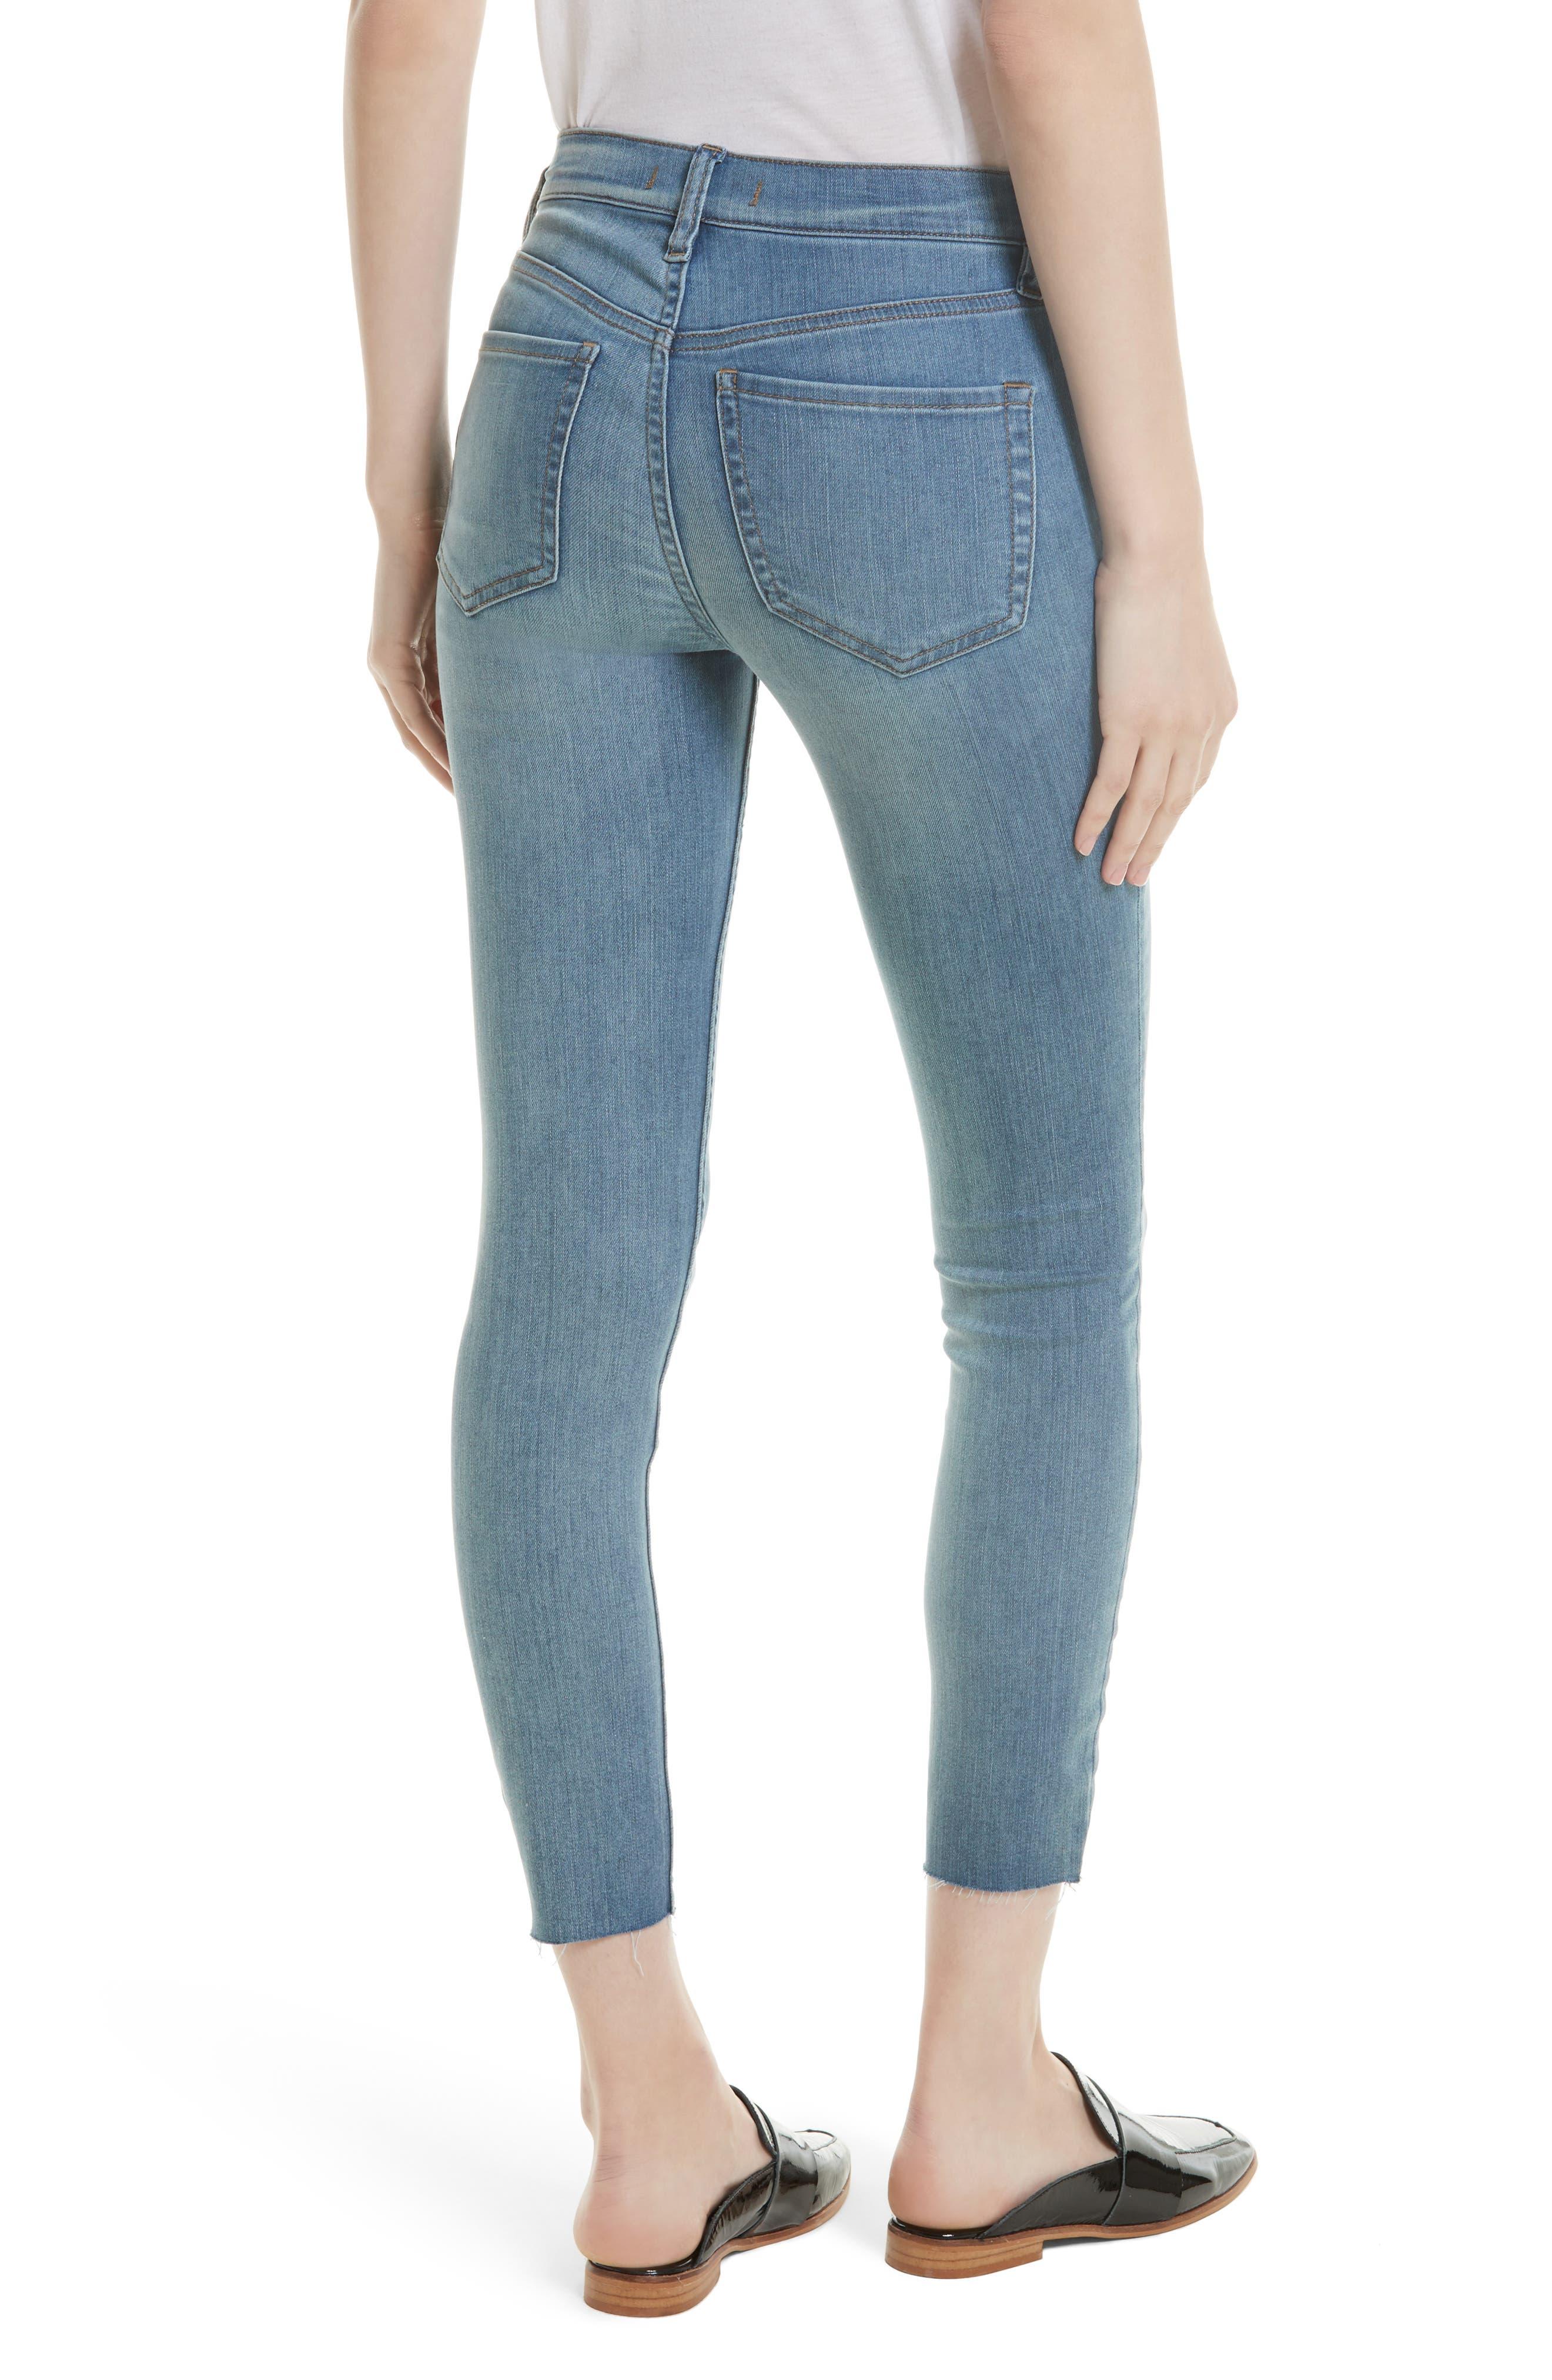 Alternate Image 2  - Free People Reagan Crop Skinny Jeans (Sky)